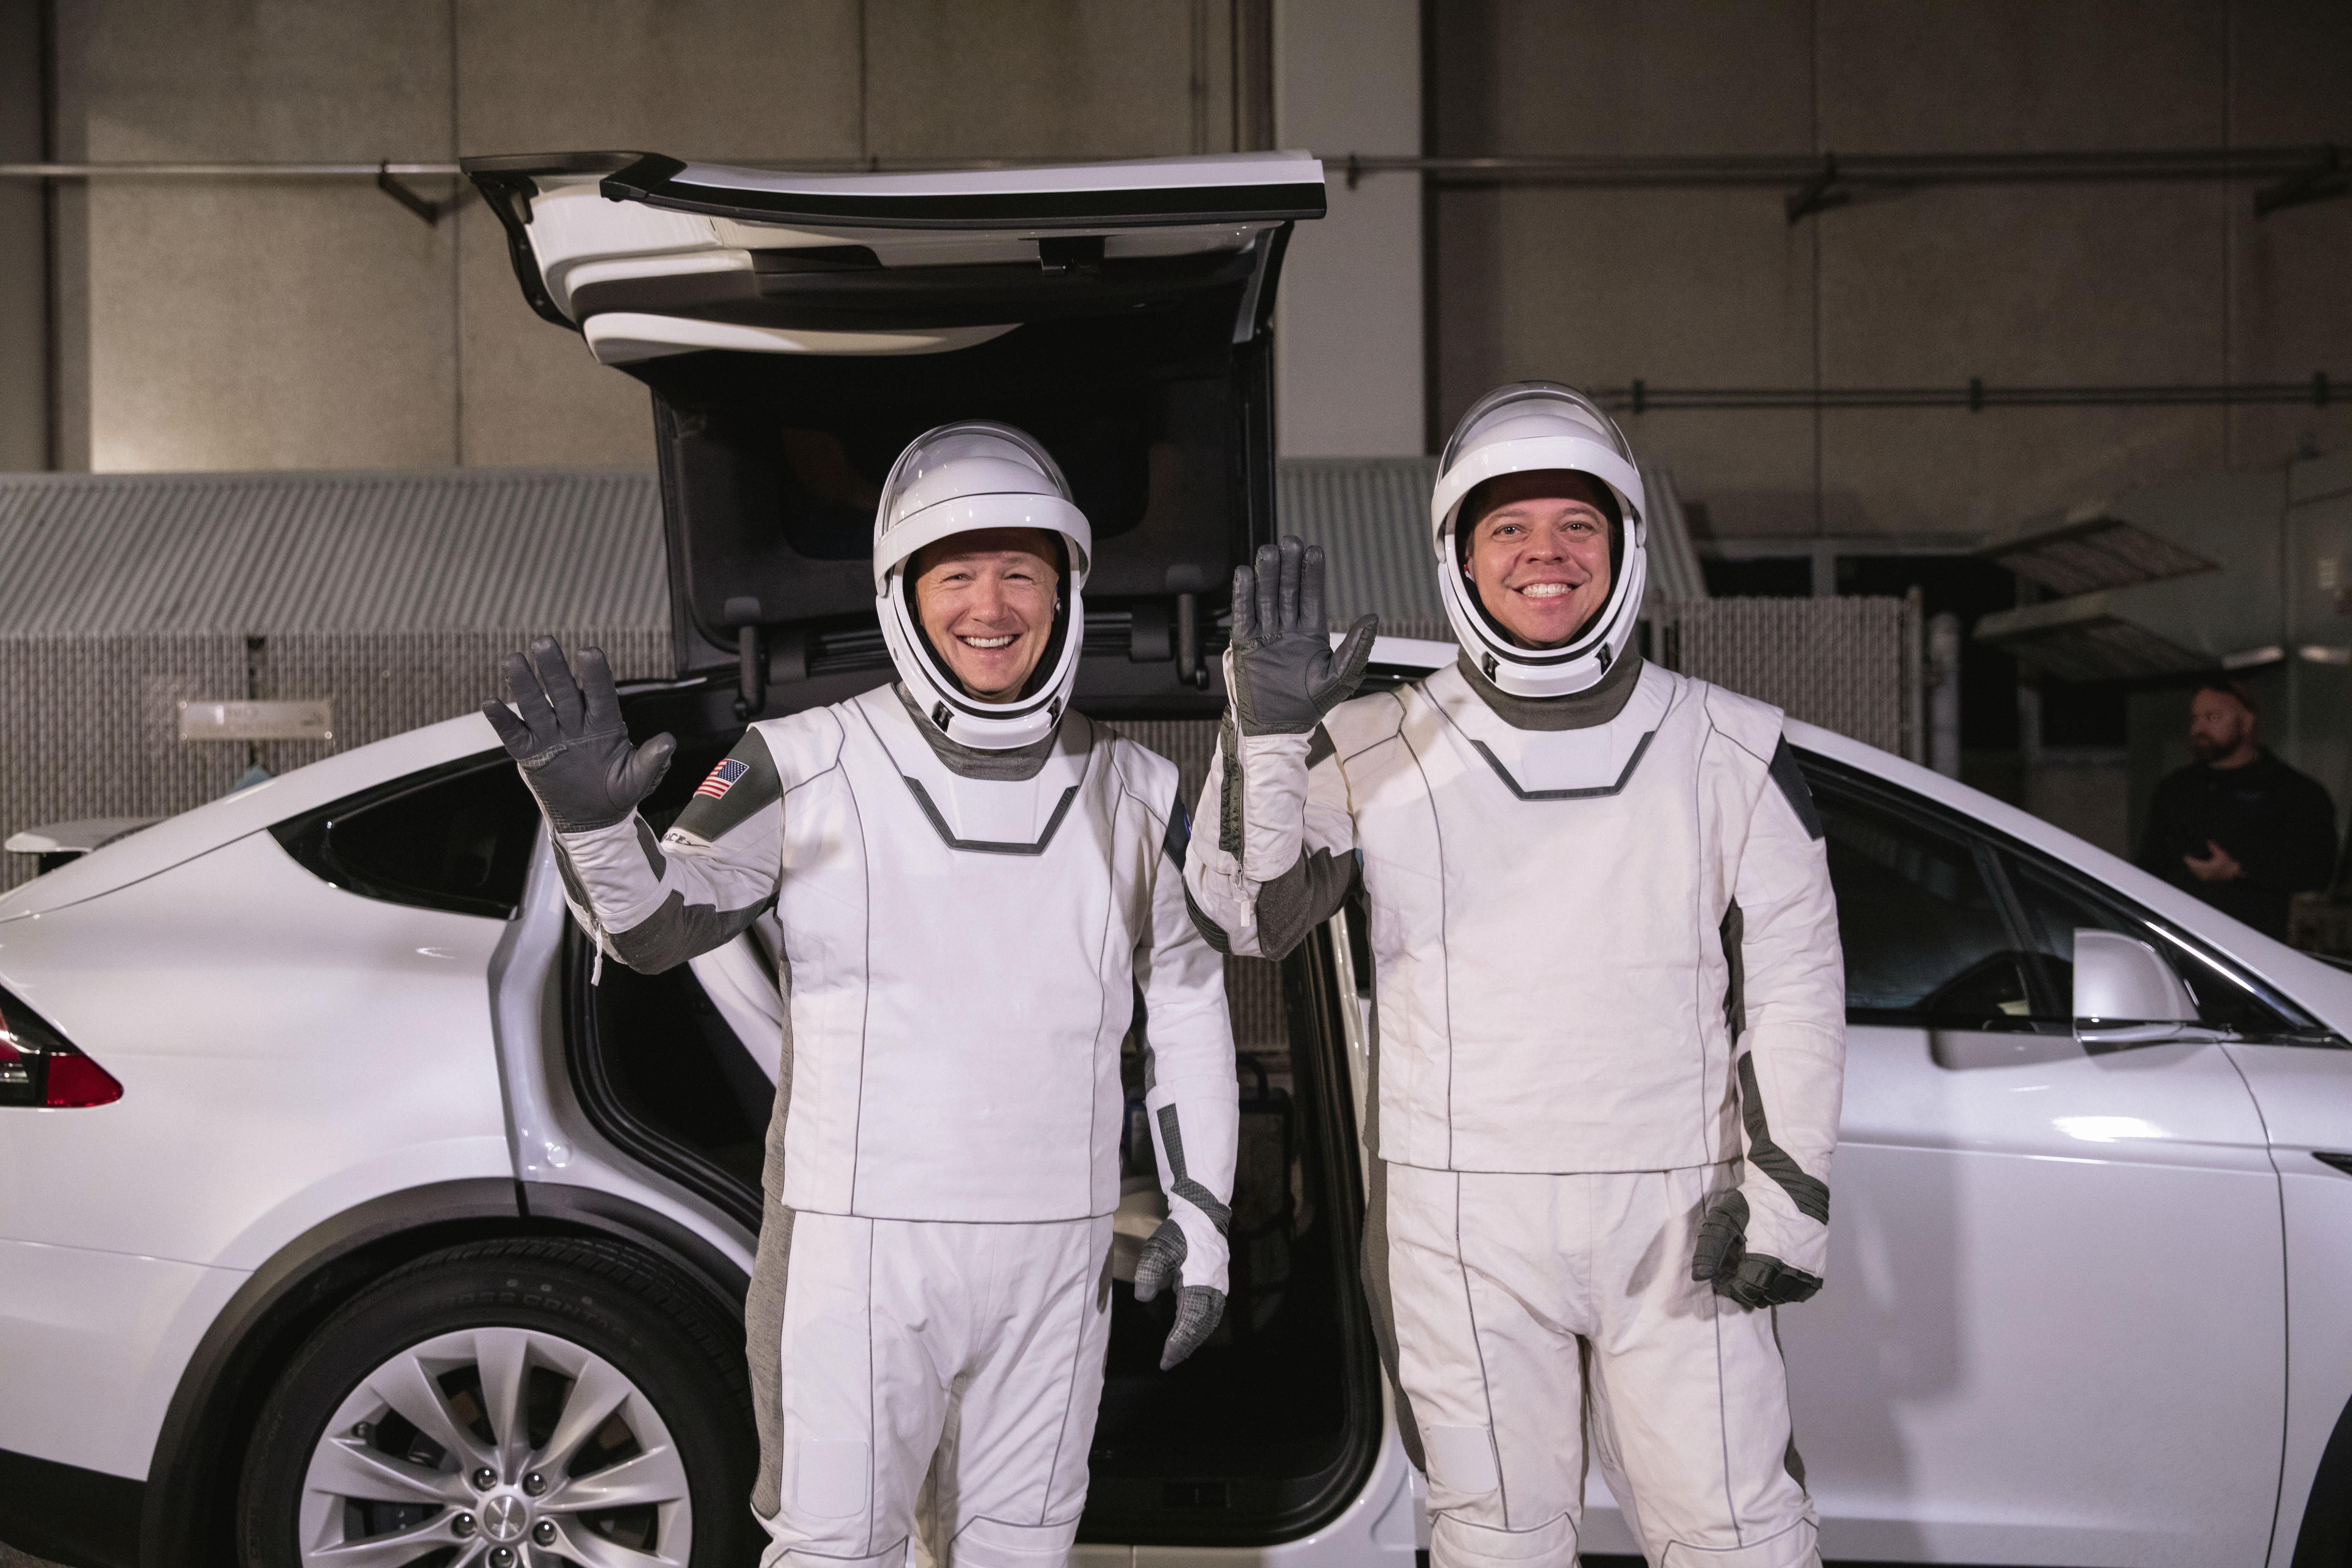 En esta fotografía del viernes 17 de enero de 2020 proporcionada por la NASA, los astronautas Doug Hurley (izquierda) y Robert Behnken posan frente al automóvil eléctrico Model X de Tesla durante un ensayo de lanzamiento en el Centro Espacial Kennedy, en Cabo Cañaveral, Florida. (Kim Shiflett/NASA vía AP)